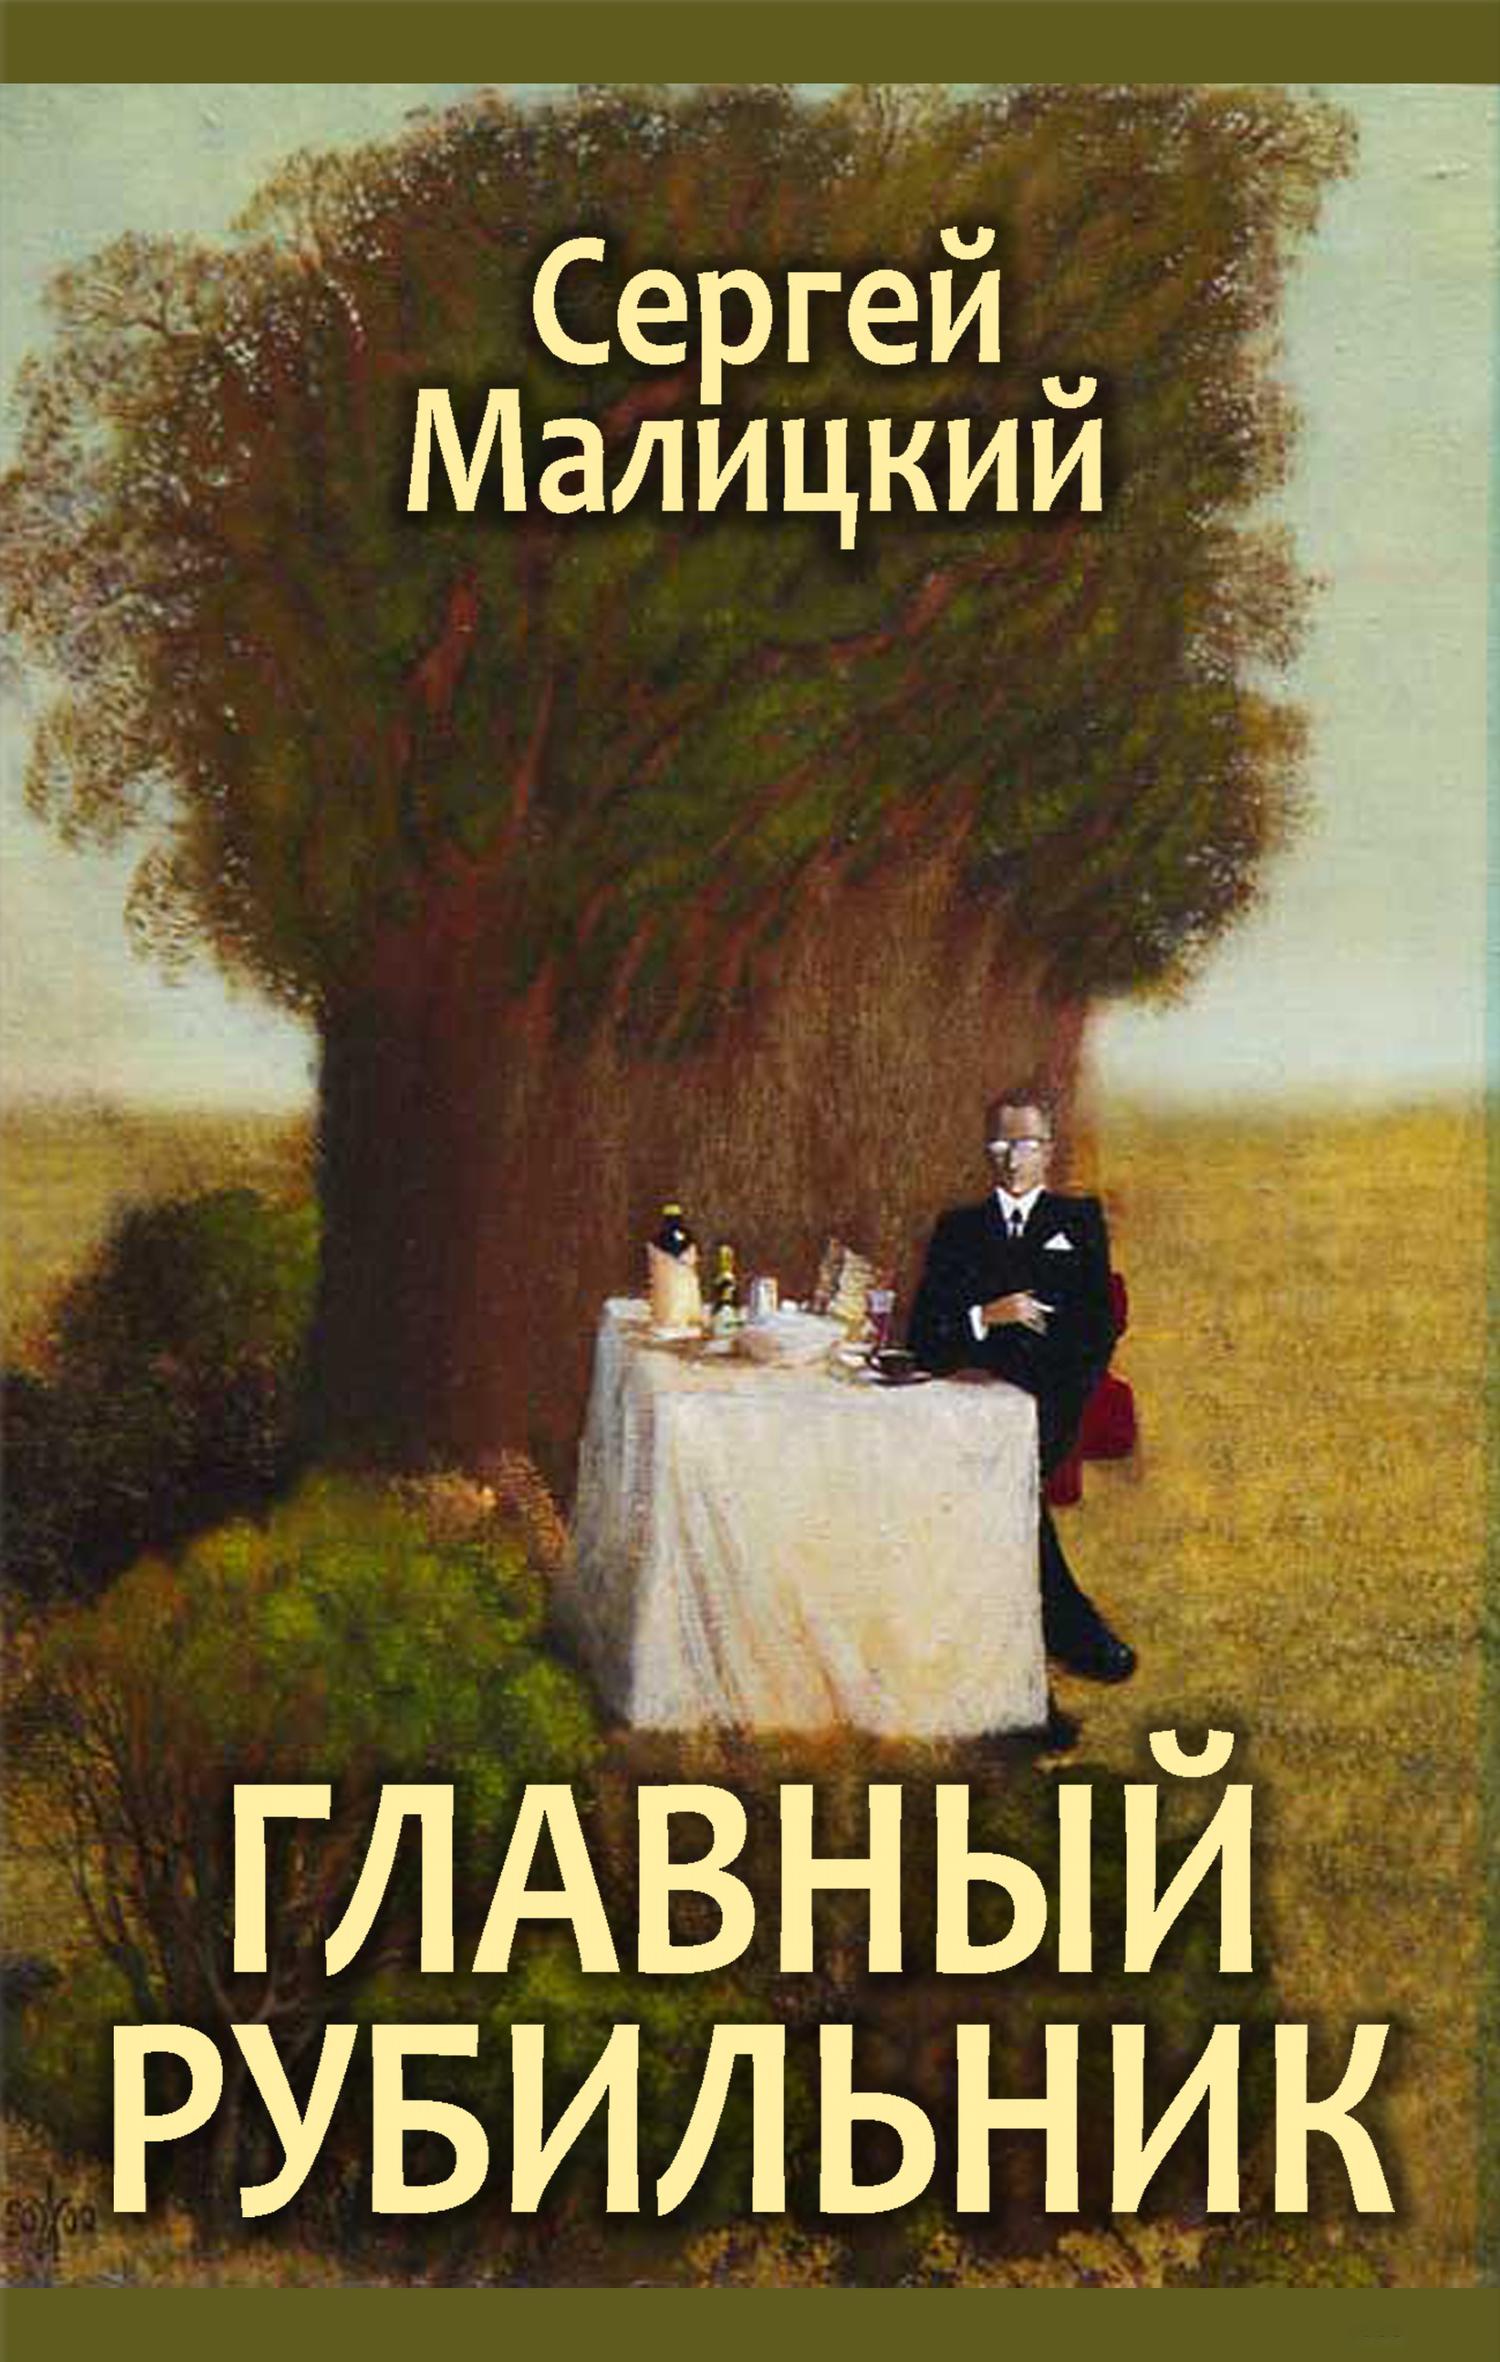 Сергей Малицкий Главный рубильник (сборник)